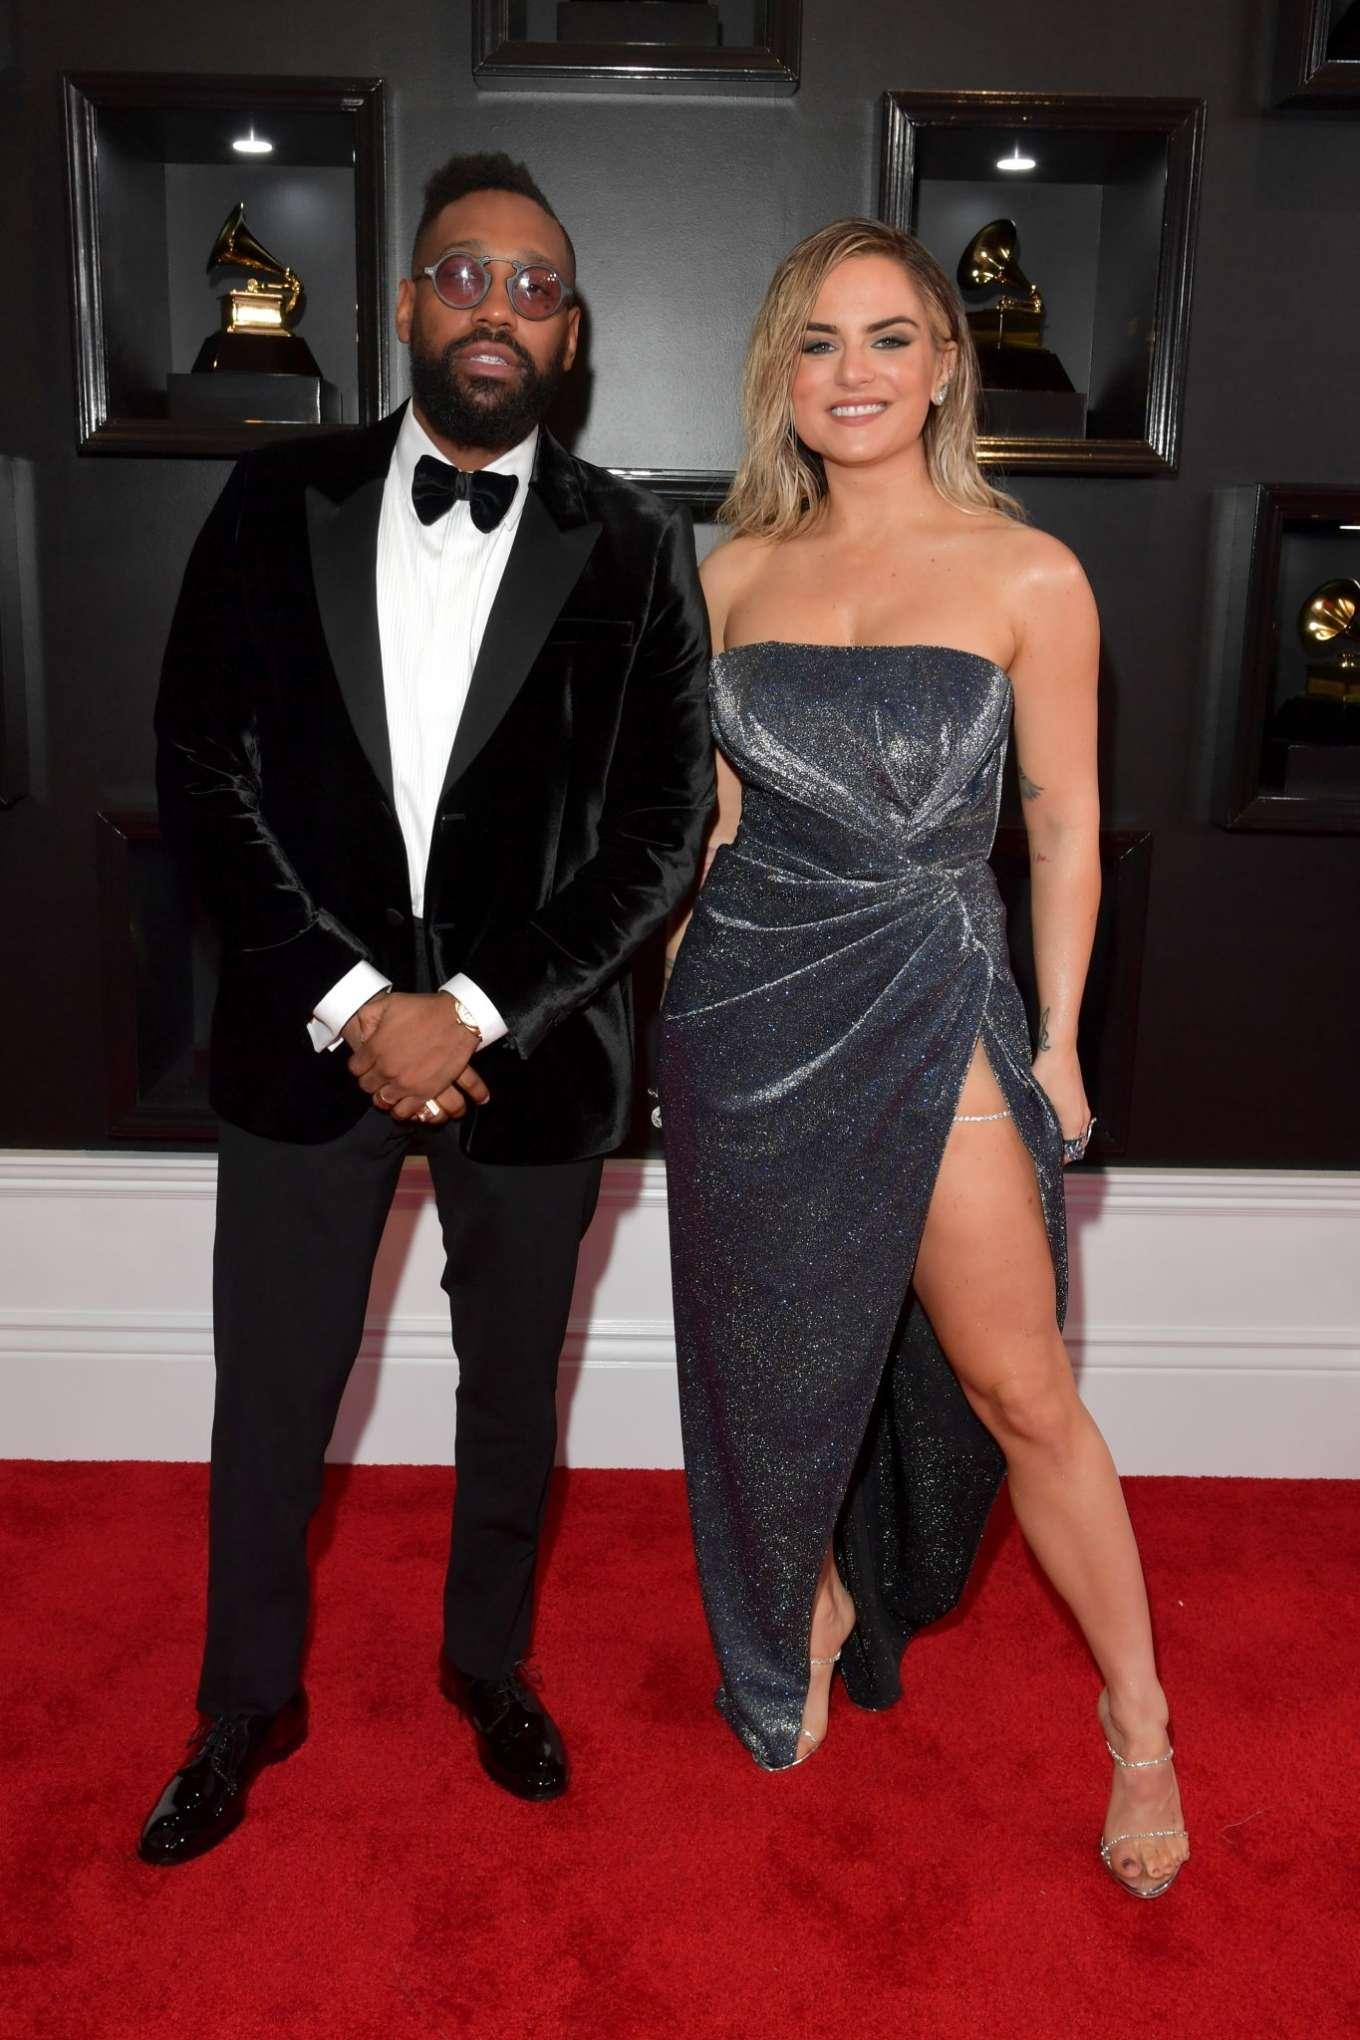 Joanna JoJo Levesque 2020 : Joanna JoJo Levesque – 2020 Grammy Awards-17